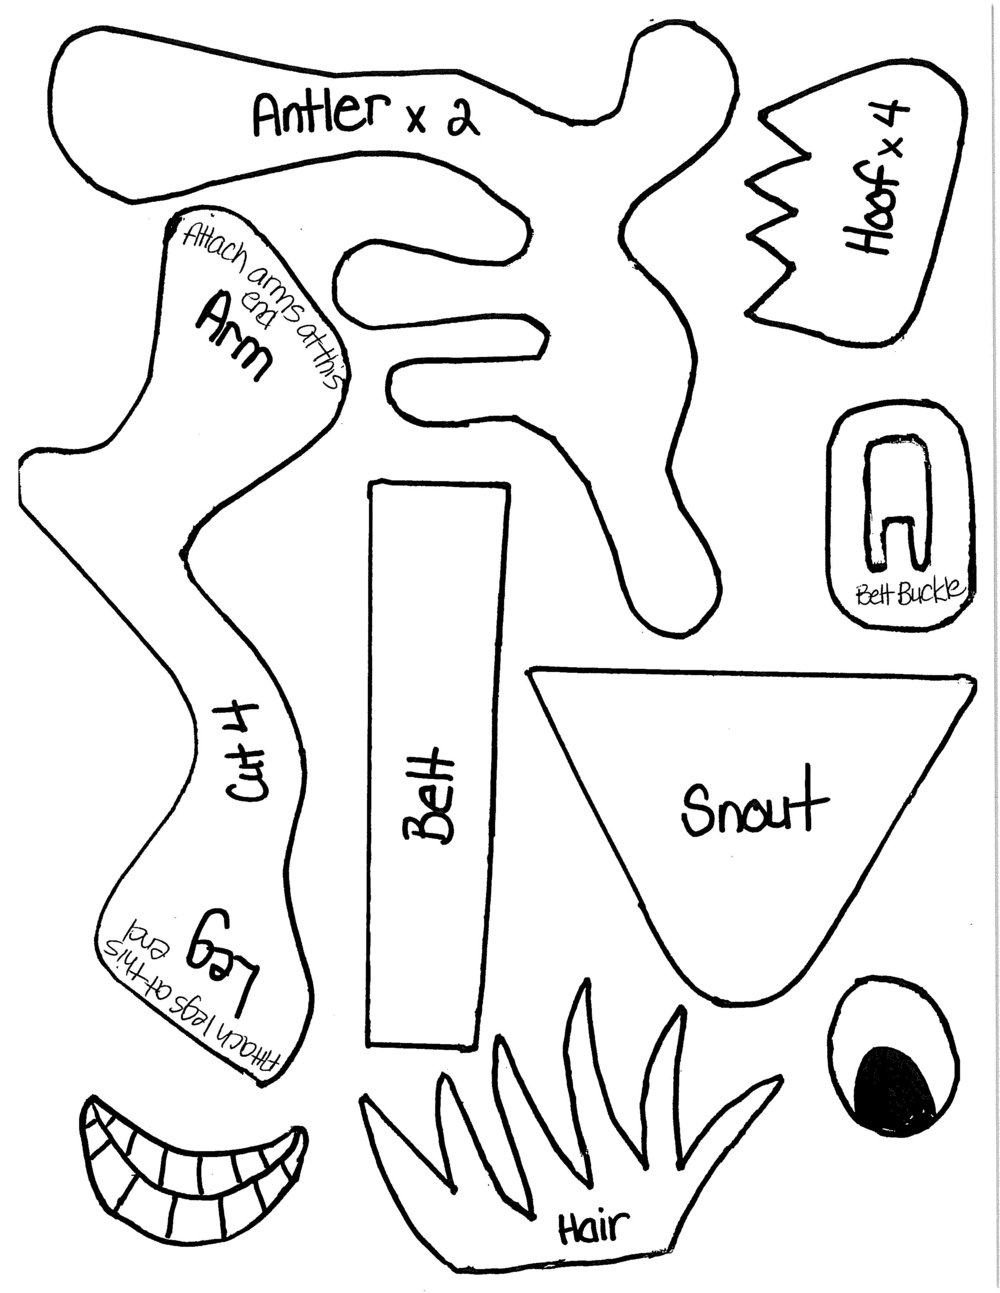 crafts_Page_1.jpg